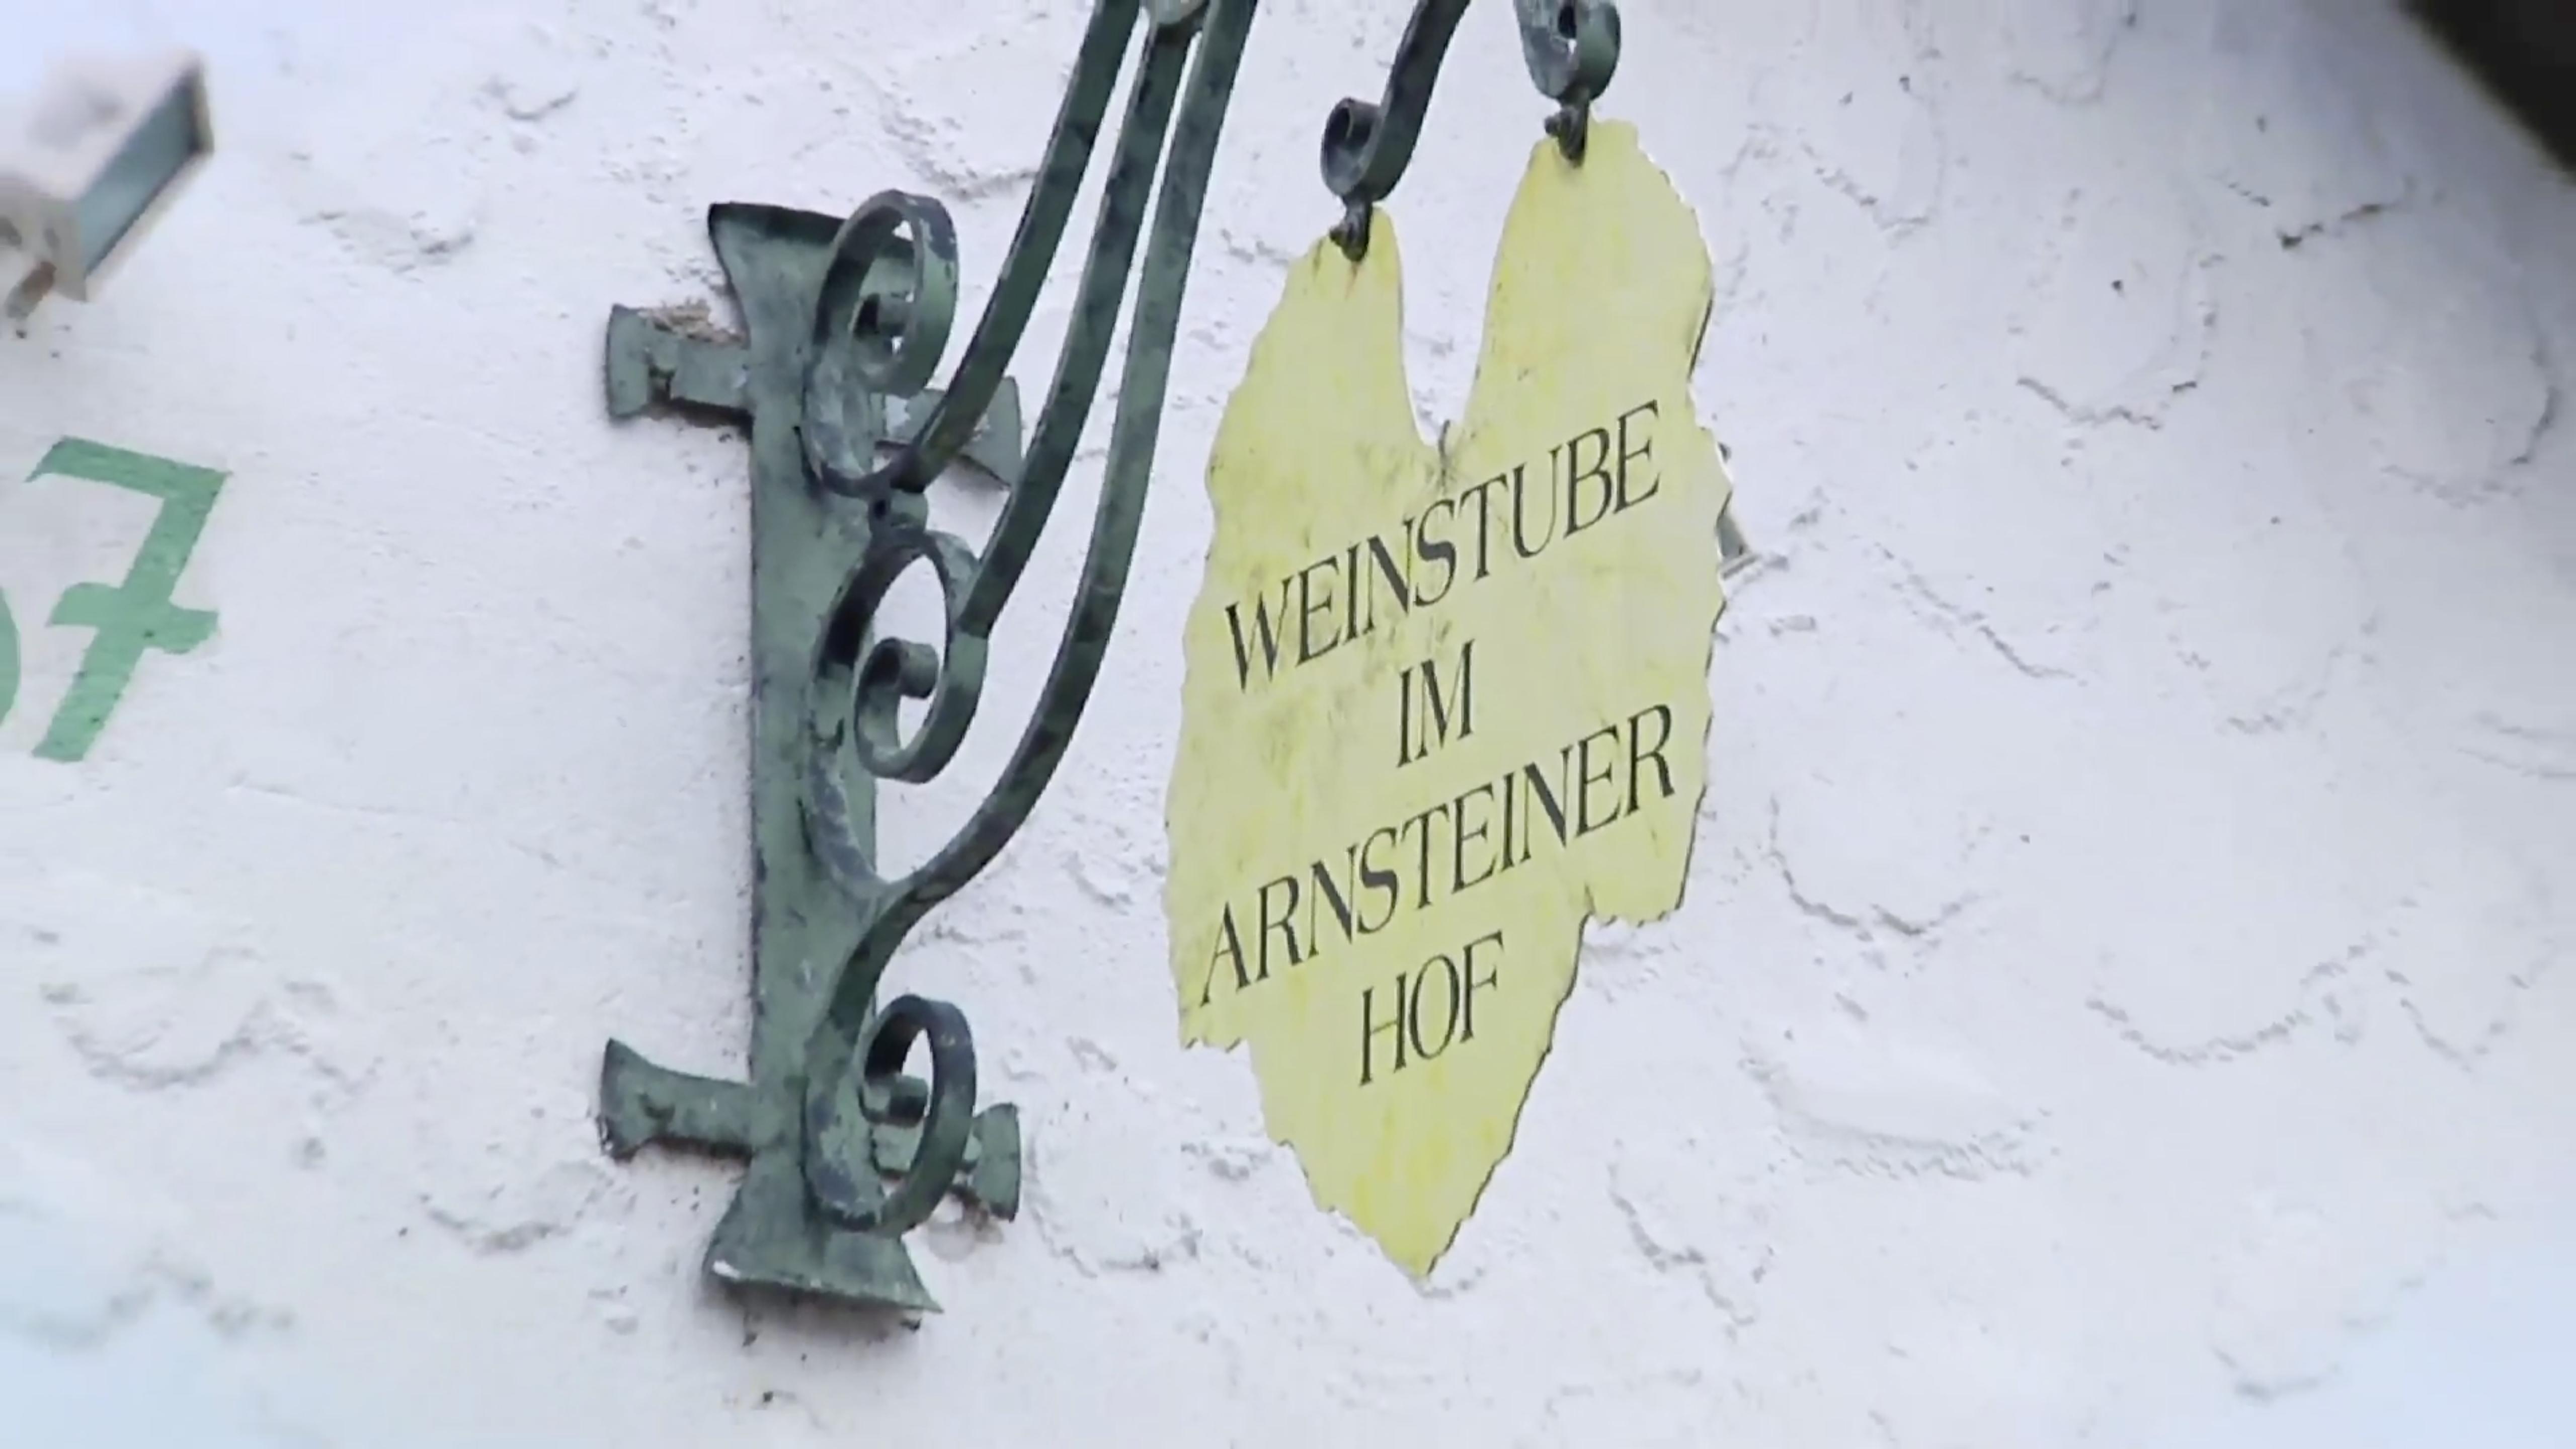 Weinstube Arnsteiner Hof